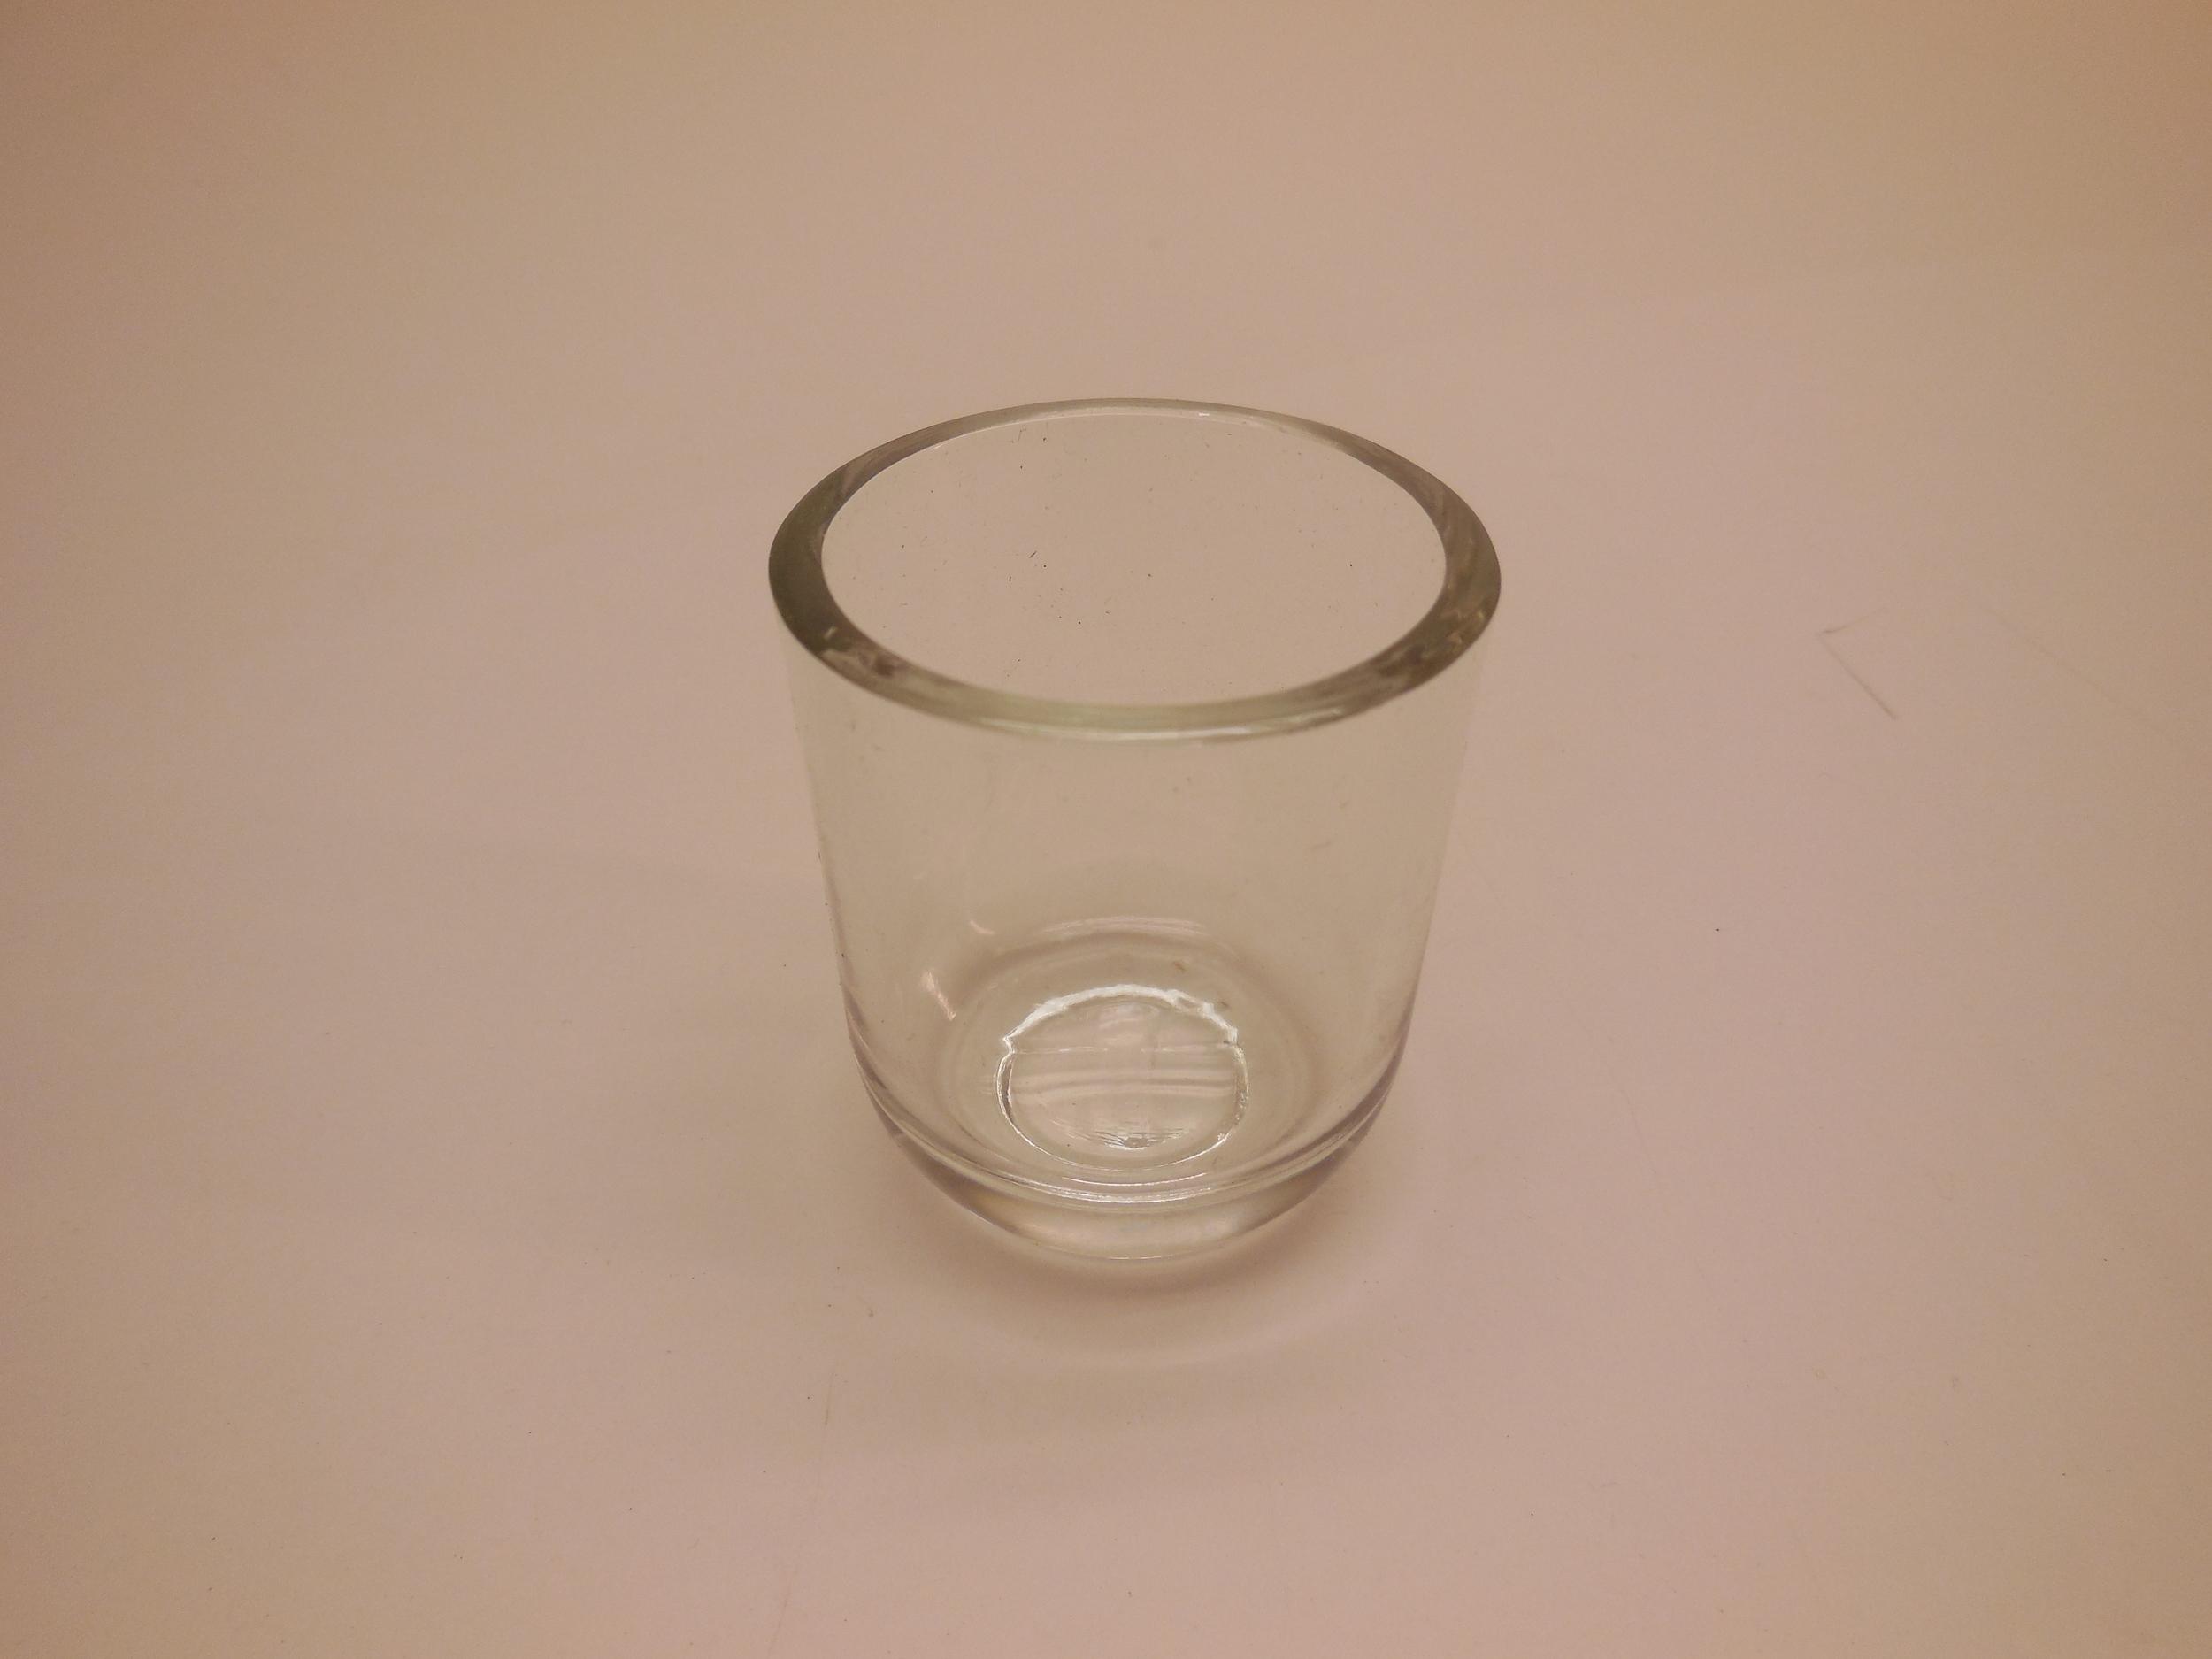 GLASS häggo Nr: 2590 4171-601 PRICE: 102 sek